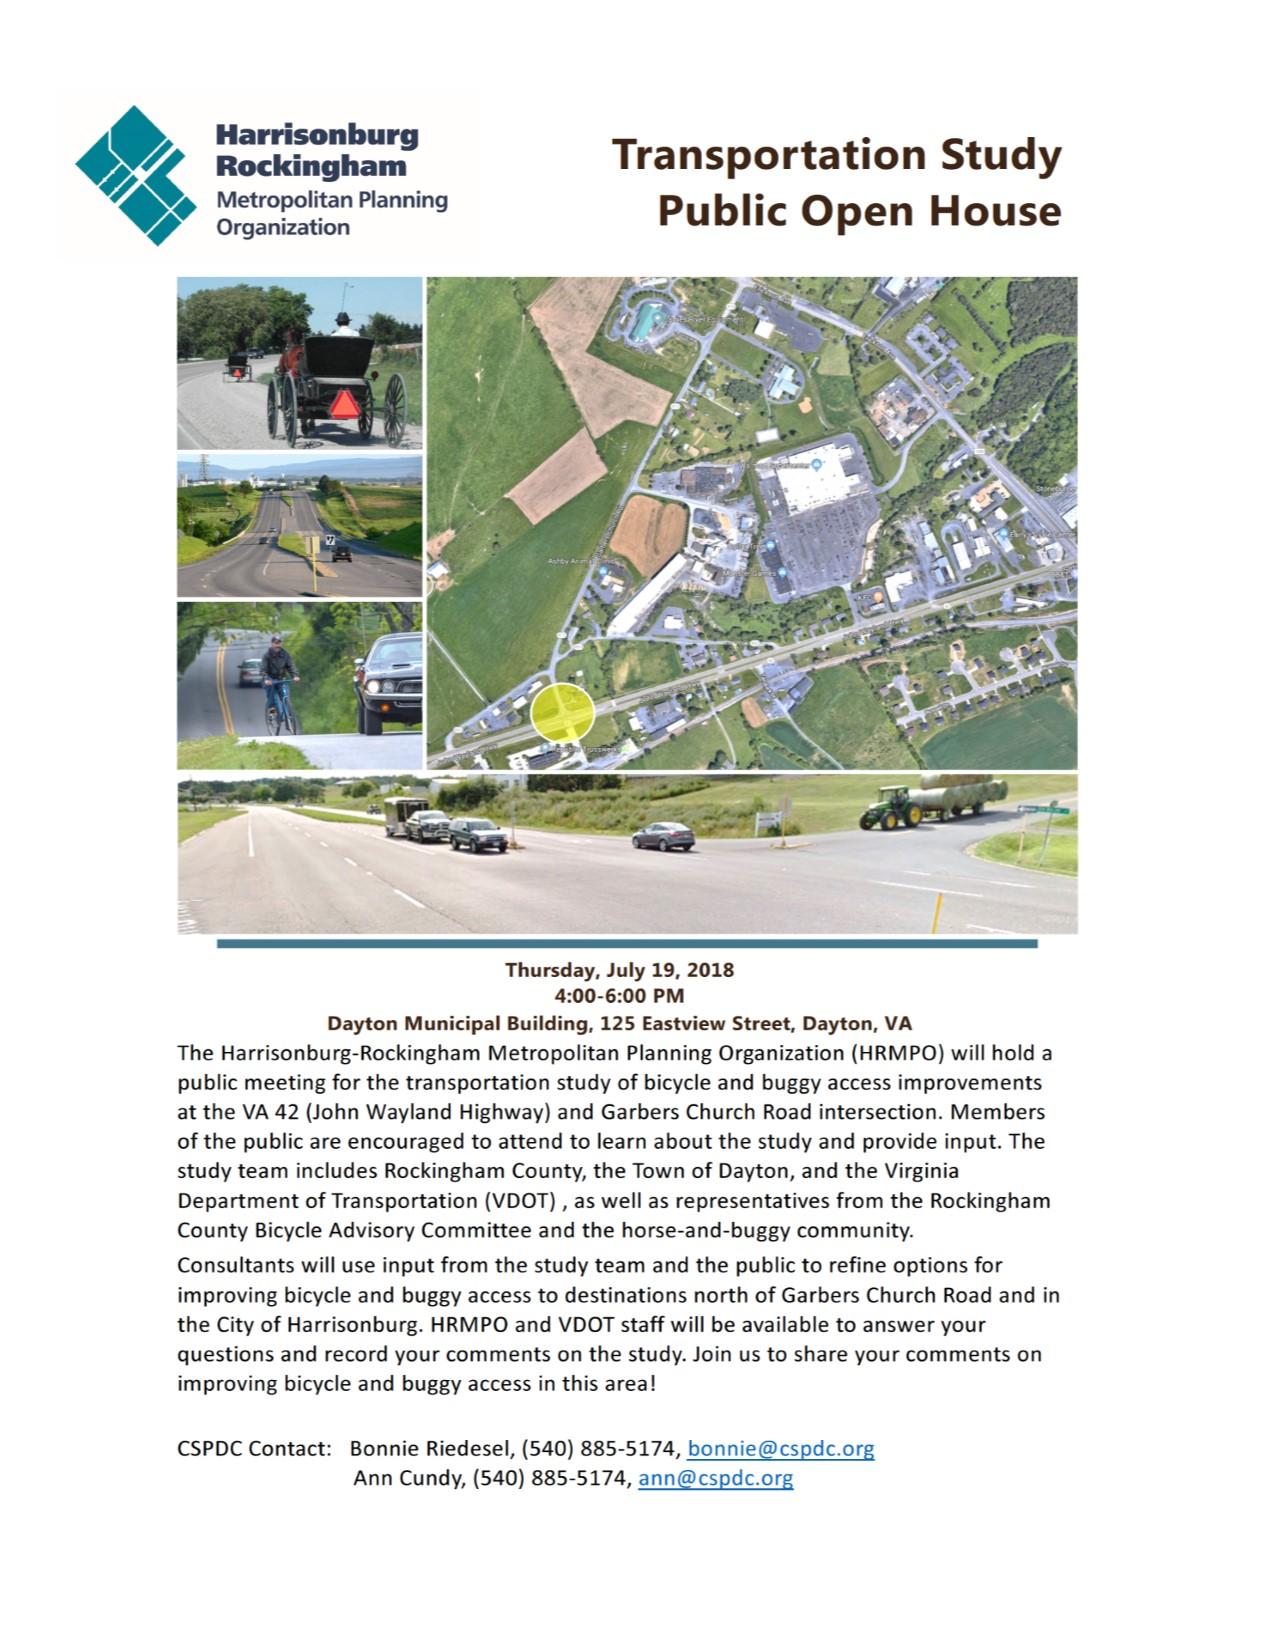 HRMPO Open House